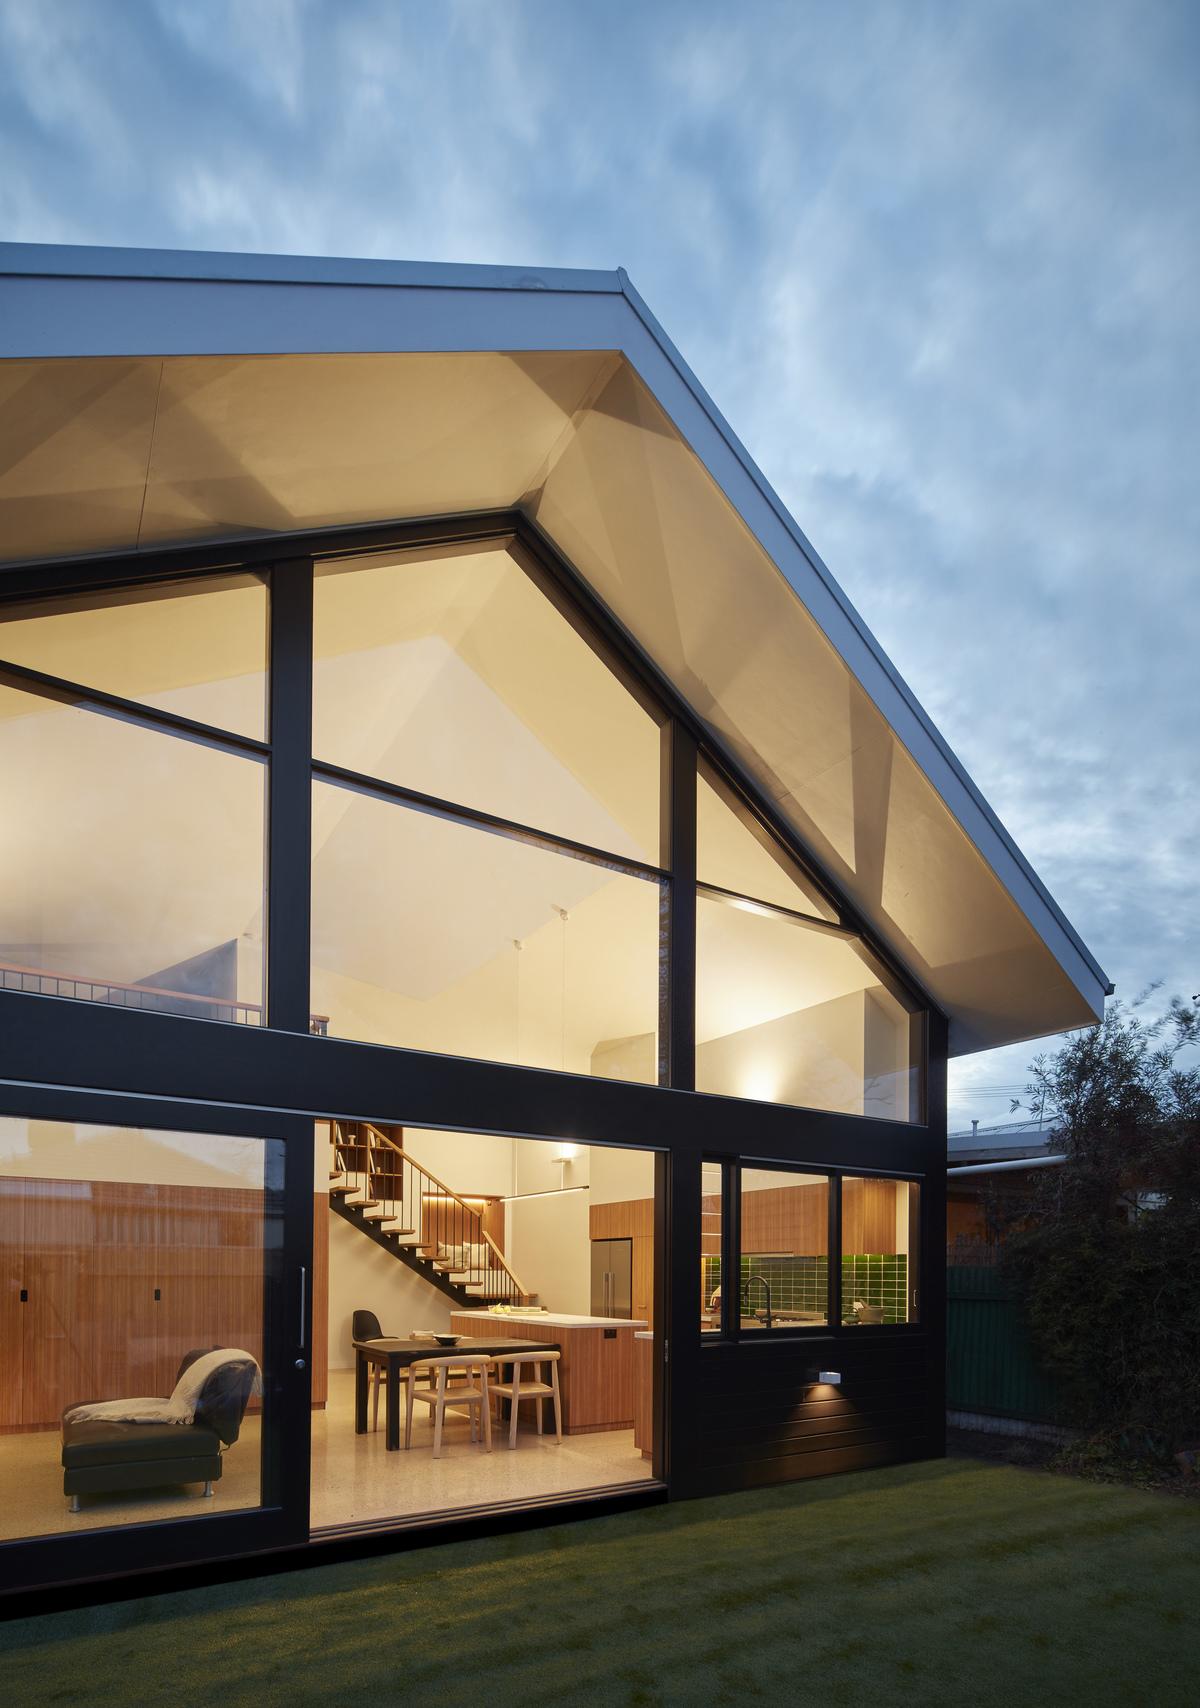 Australian Design, Kingsville Residence by Richard King Design, Melbourne, VIC, Australia (12)